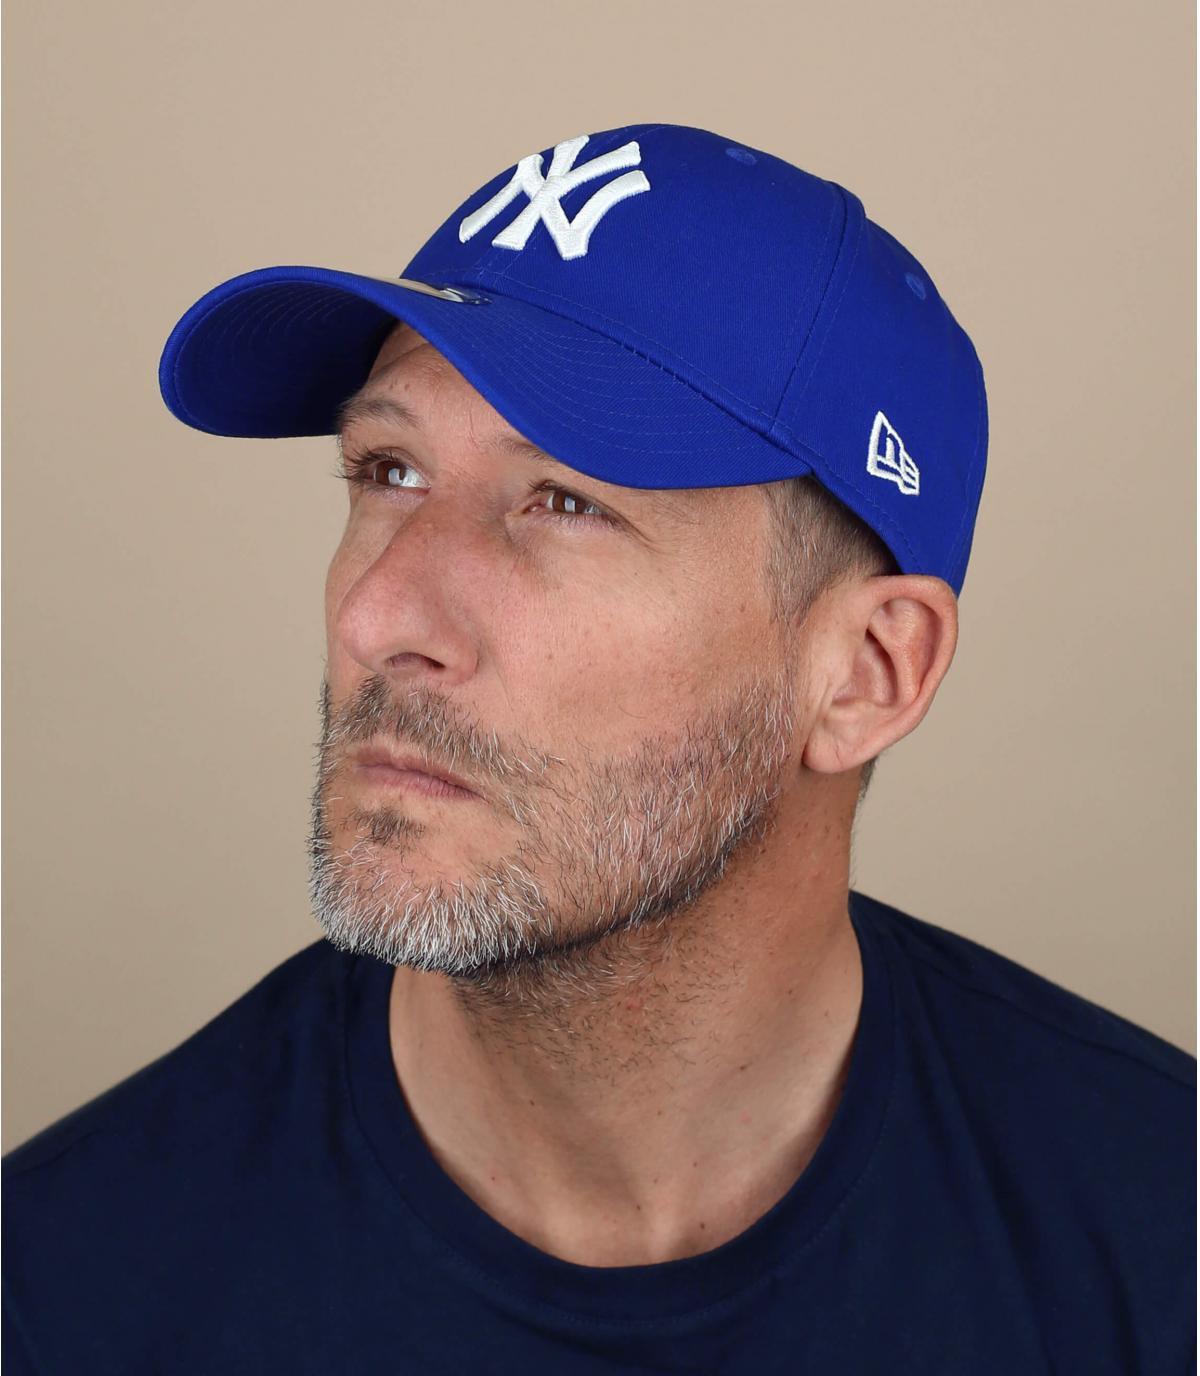 Royal blue curved visor cap